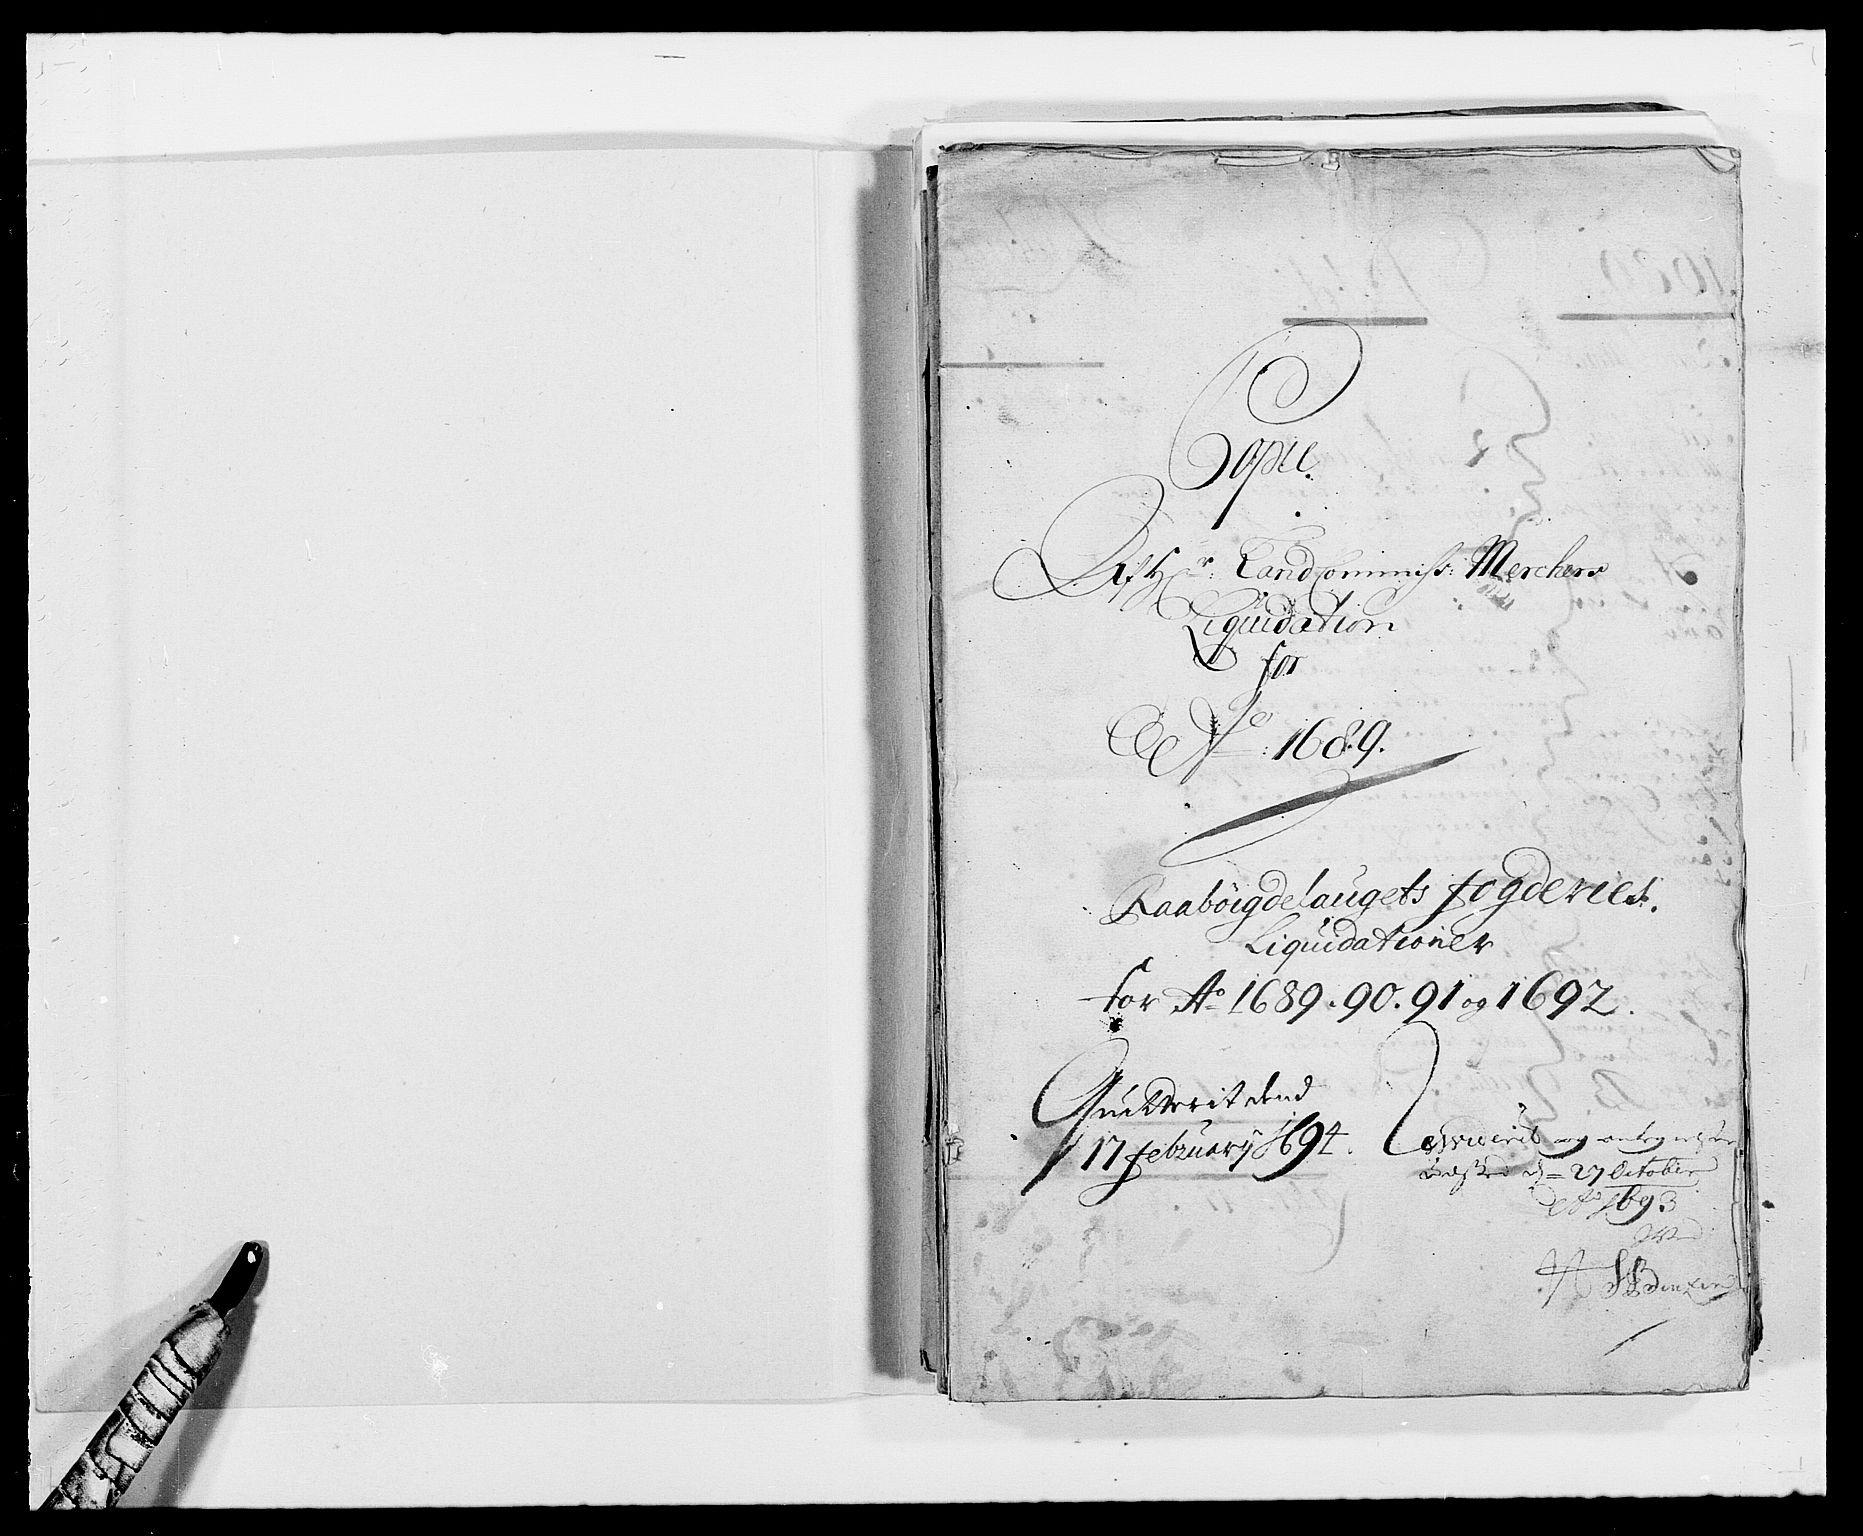 RA, Rentekammeret inntil 1814, Reviderte regnskaper, Fogderegnskap, R40/L2442: Fogderegnskap Råbyggelag, 1689-1690, s. 2